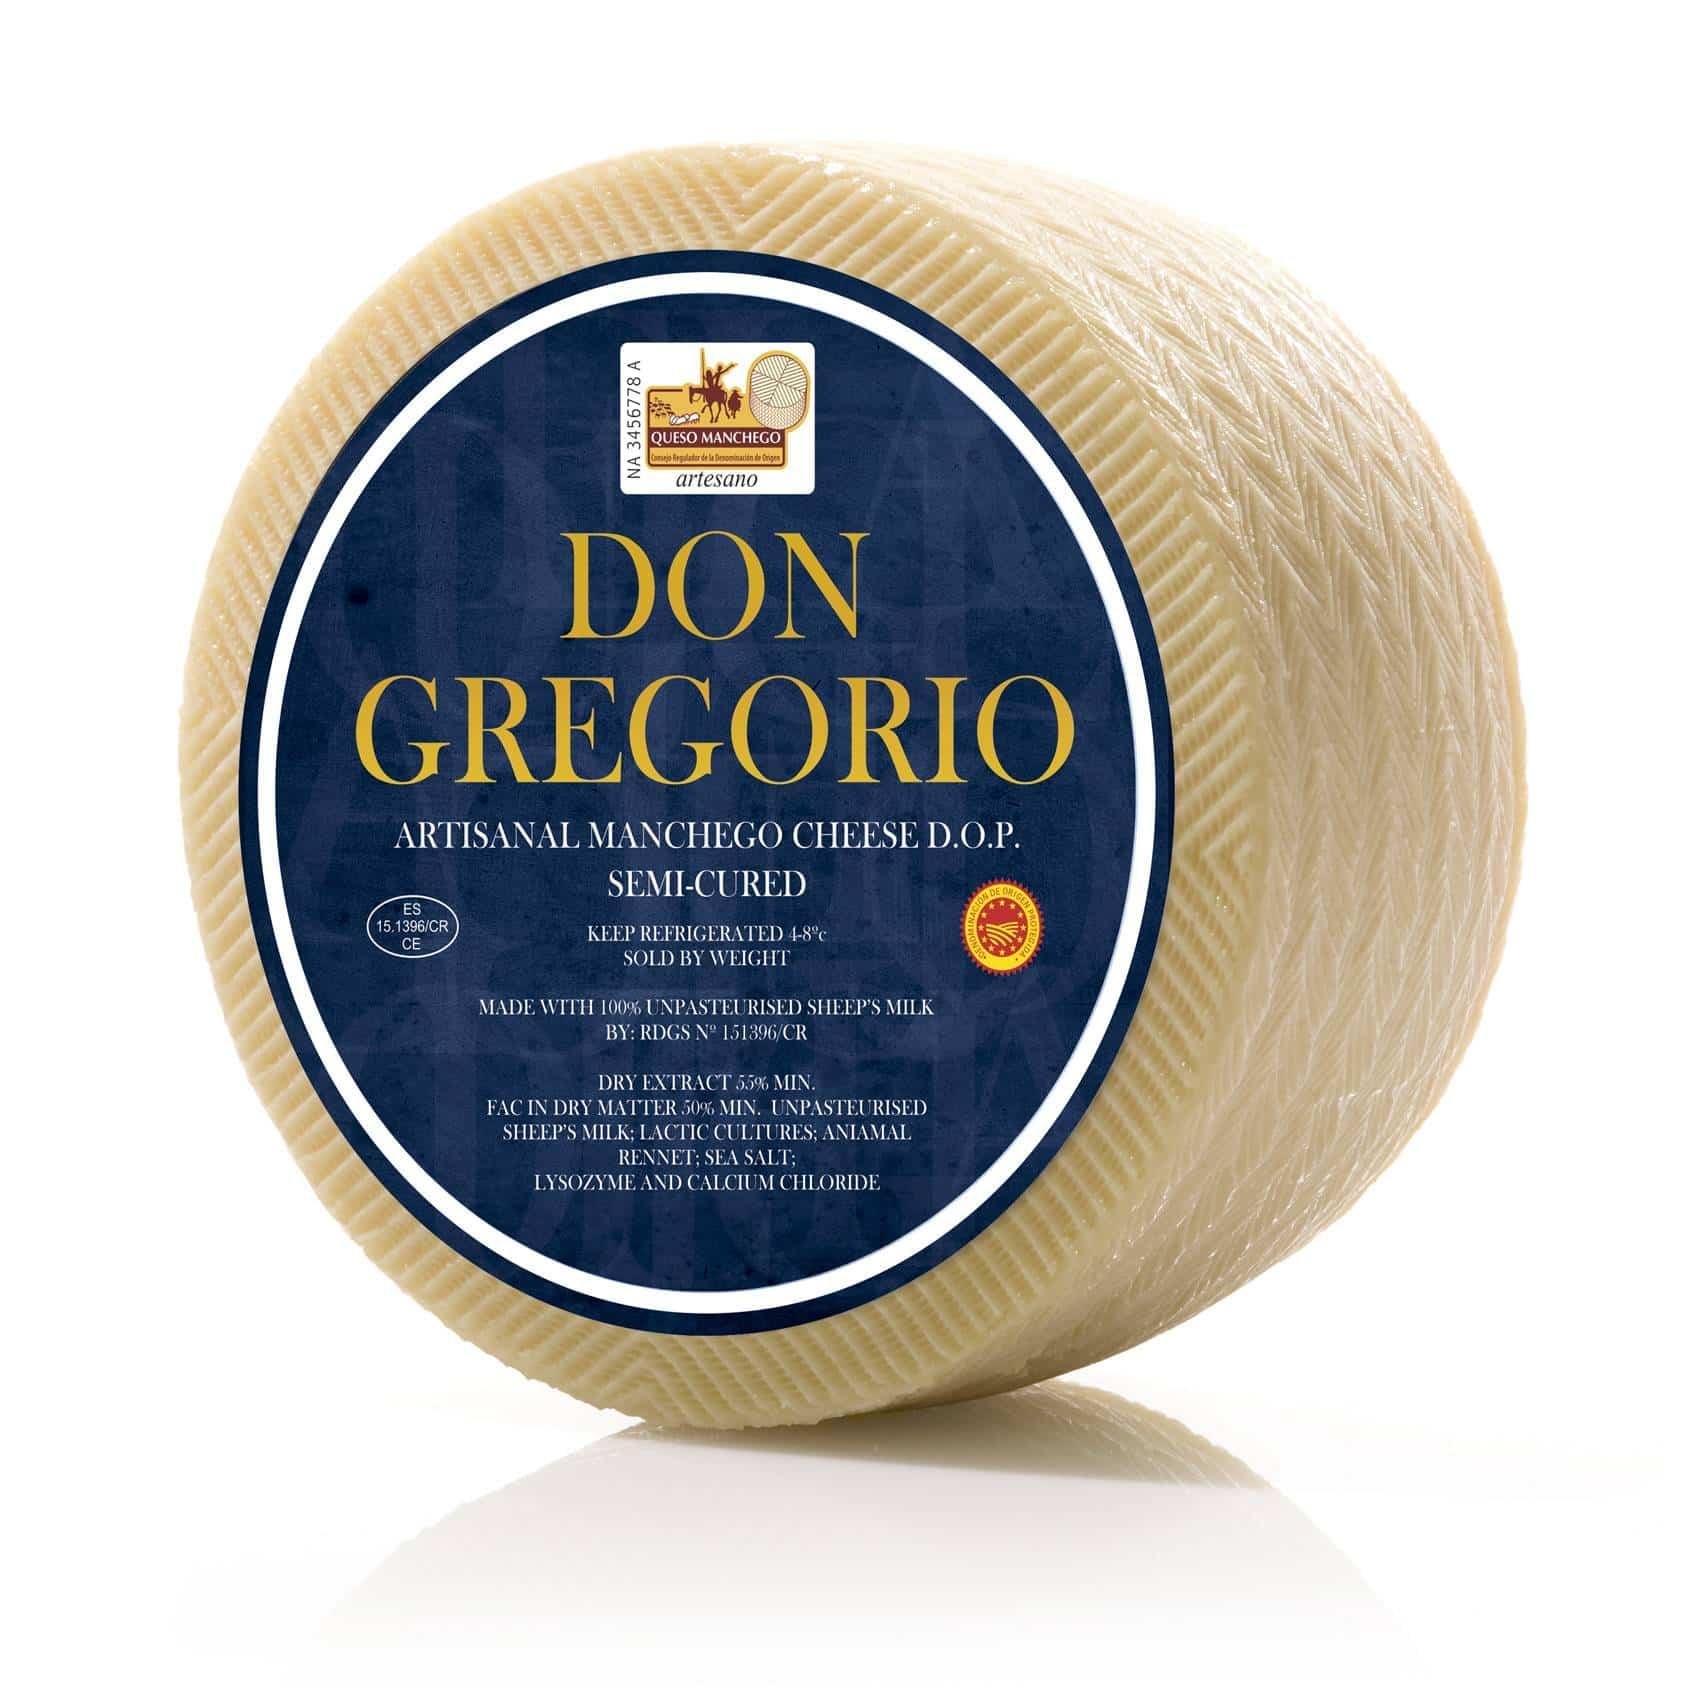 DON GREGORIO SEMI gomez moreno carpuela - Quesos Gómez Moreno premiado de nuevo en el World Cheese Awards 2018